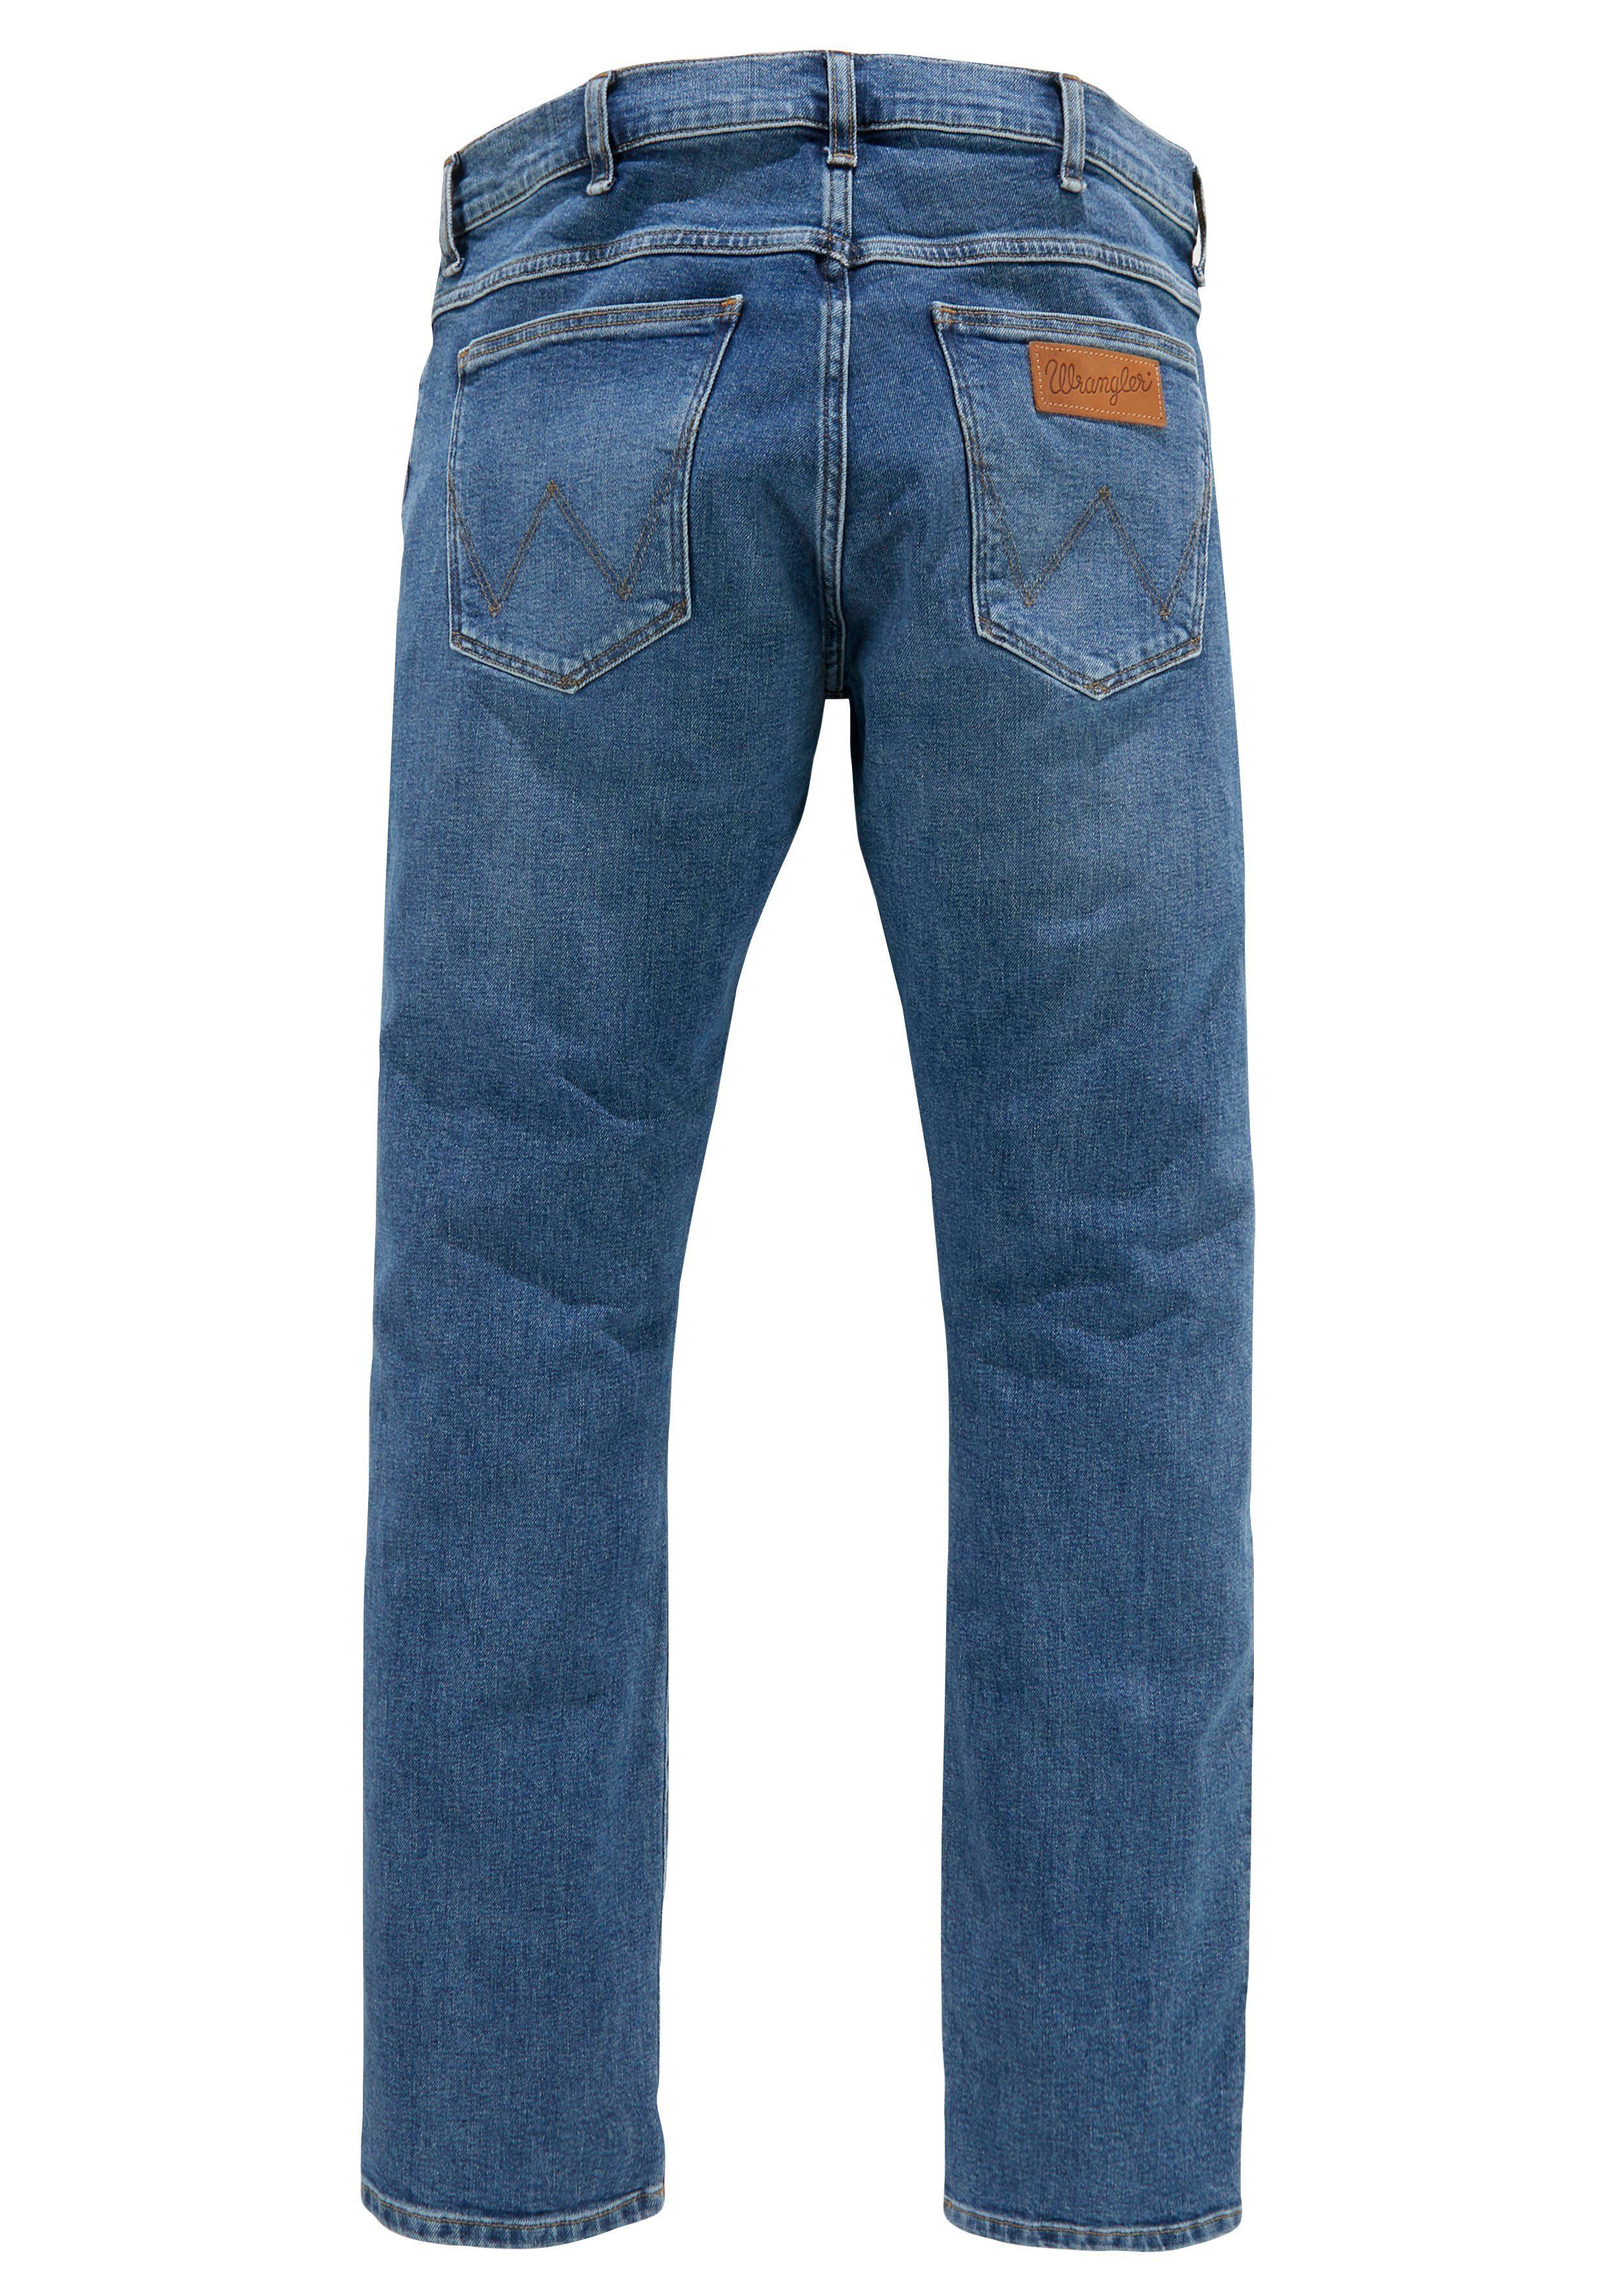 Wrangler Slim-fit-Jeans Larston, Mit leichter Waschung